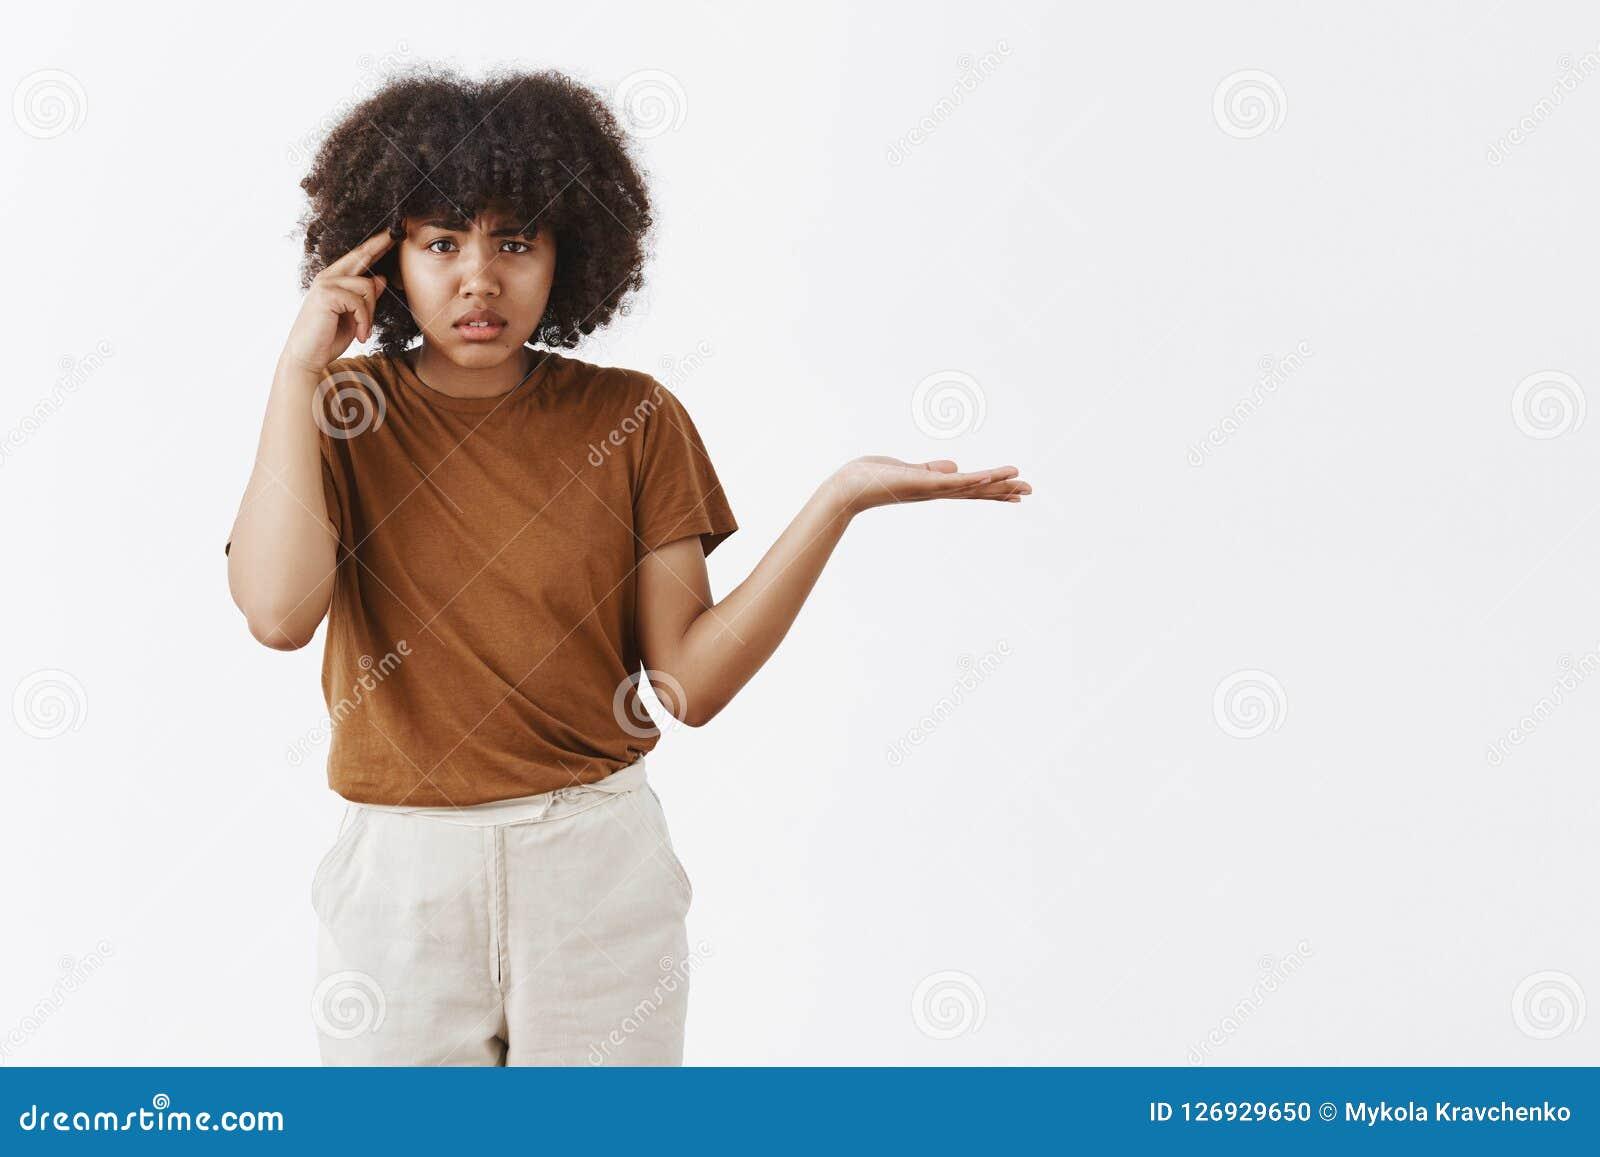 Bent stom of stom u Portret van geërgerde en boze gevraagde Afrikaanse Amerikaanse vrouw met afrokapsel het ophalen